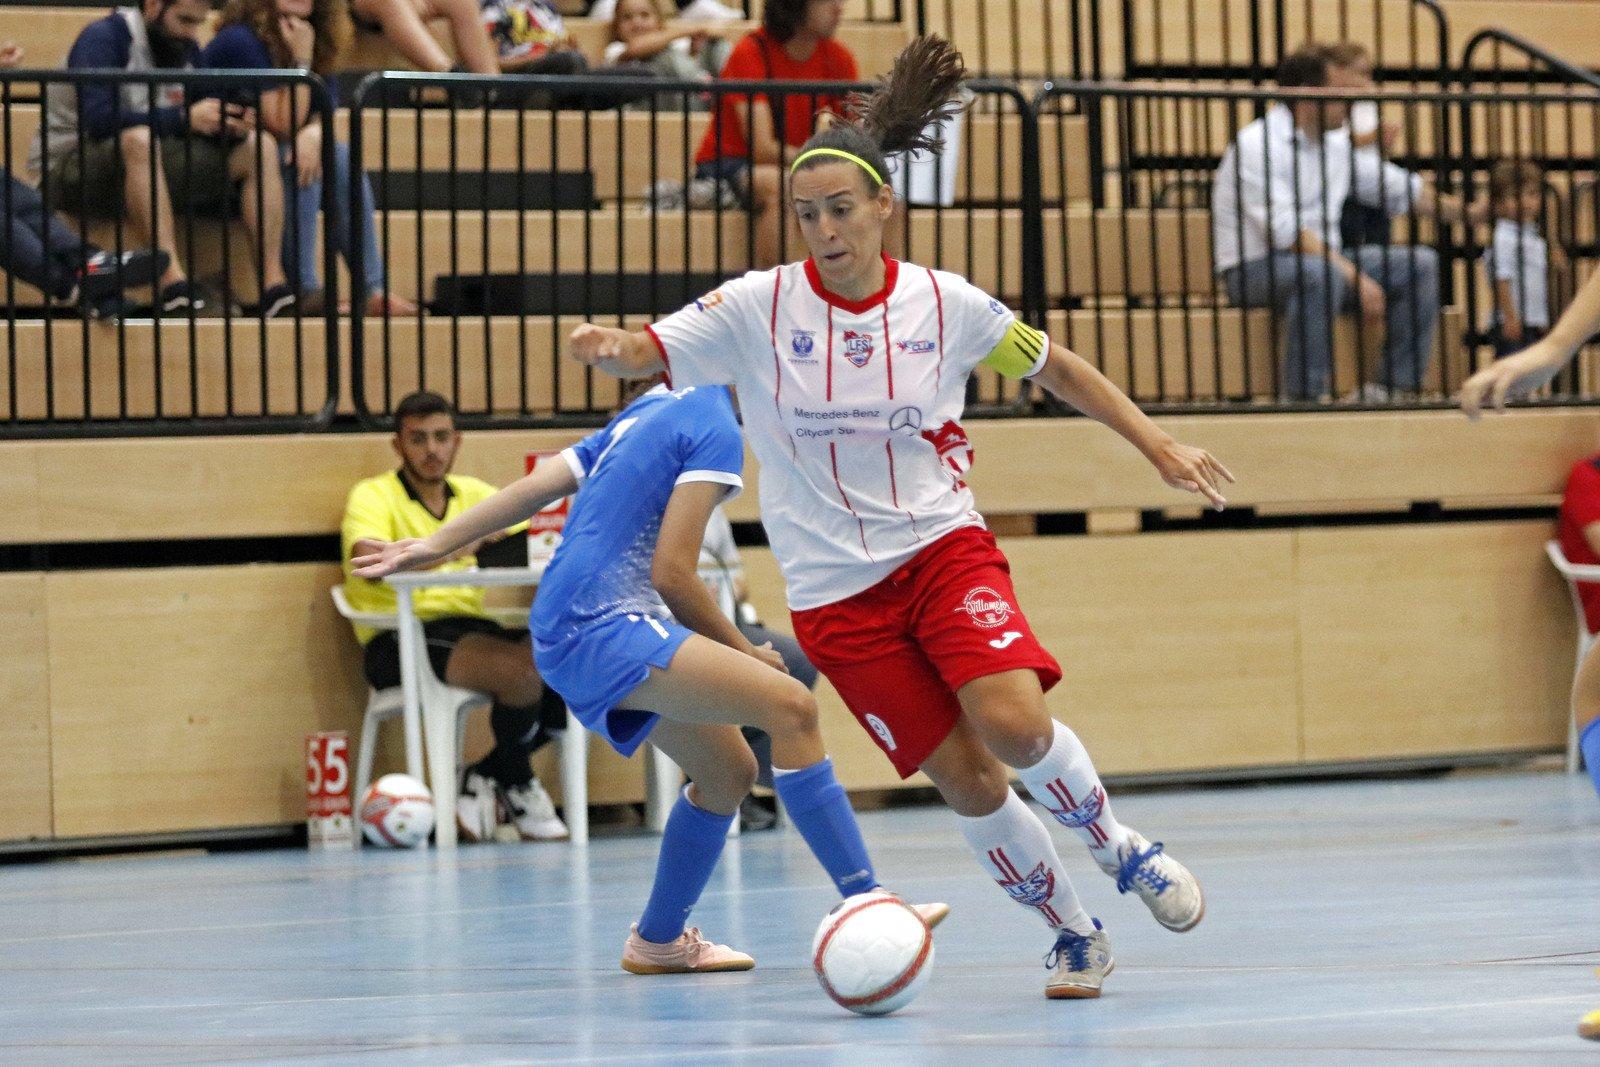 Crónica: Futsi Atlético Navalcarnero - CD Leganés FS . Jornada 23ª. 1ª División. de Fútbol Sala Femenino